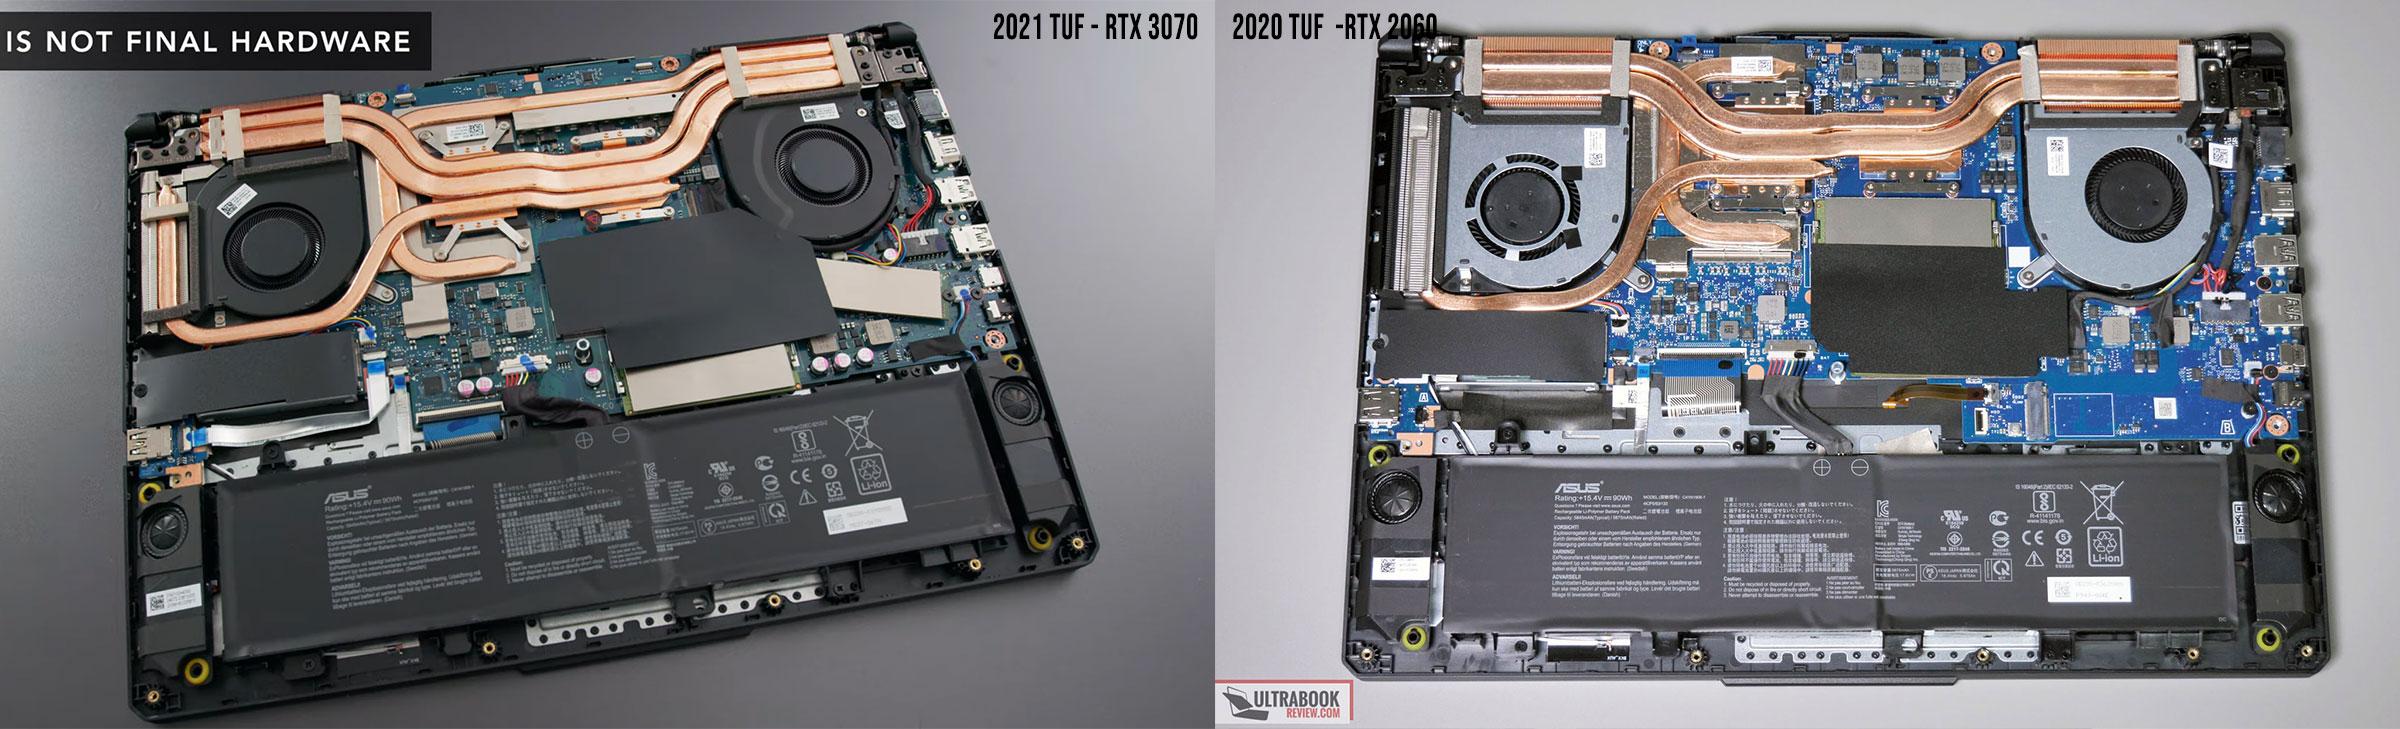 2021 vs 2020 TUF 15-inch thermal designs